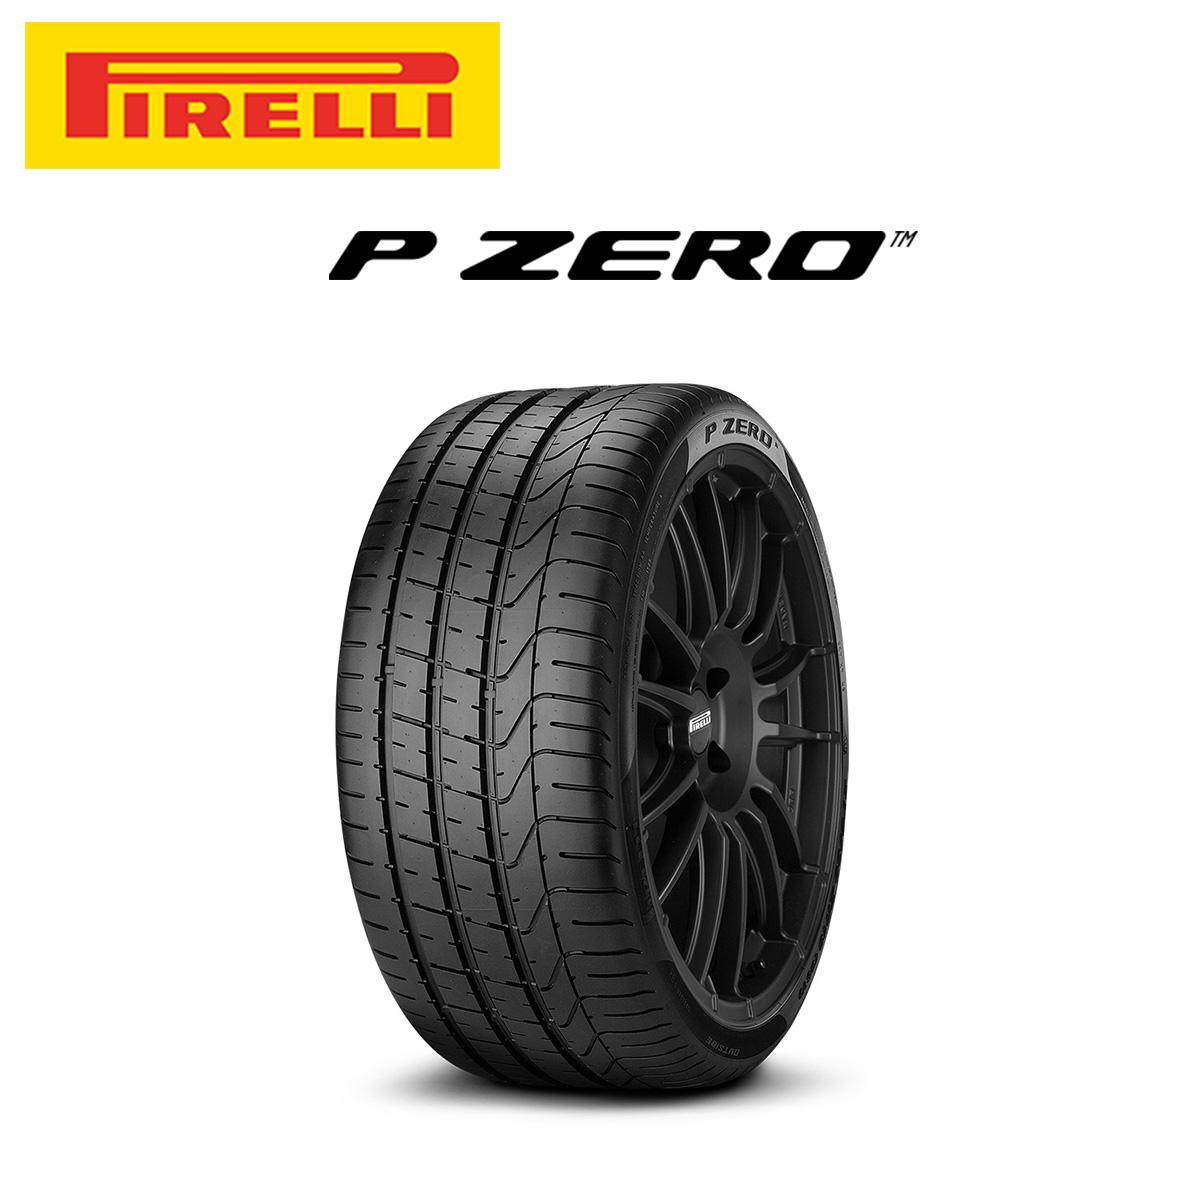 ピレリ PIRELLI P ZERO ピーゼロ 21インチ サマー タイヤ 1本 285/35R21 105Y XL 2486000